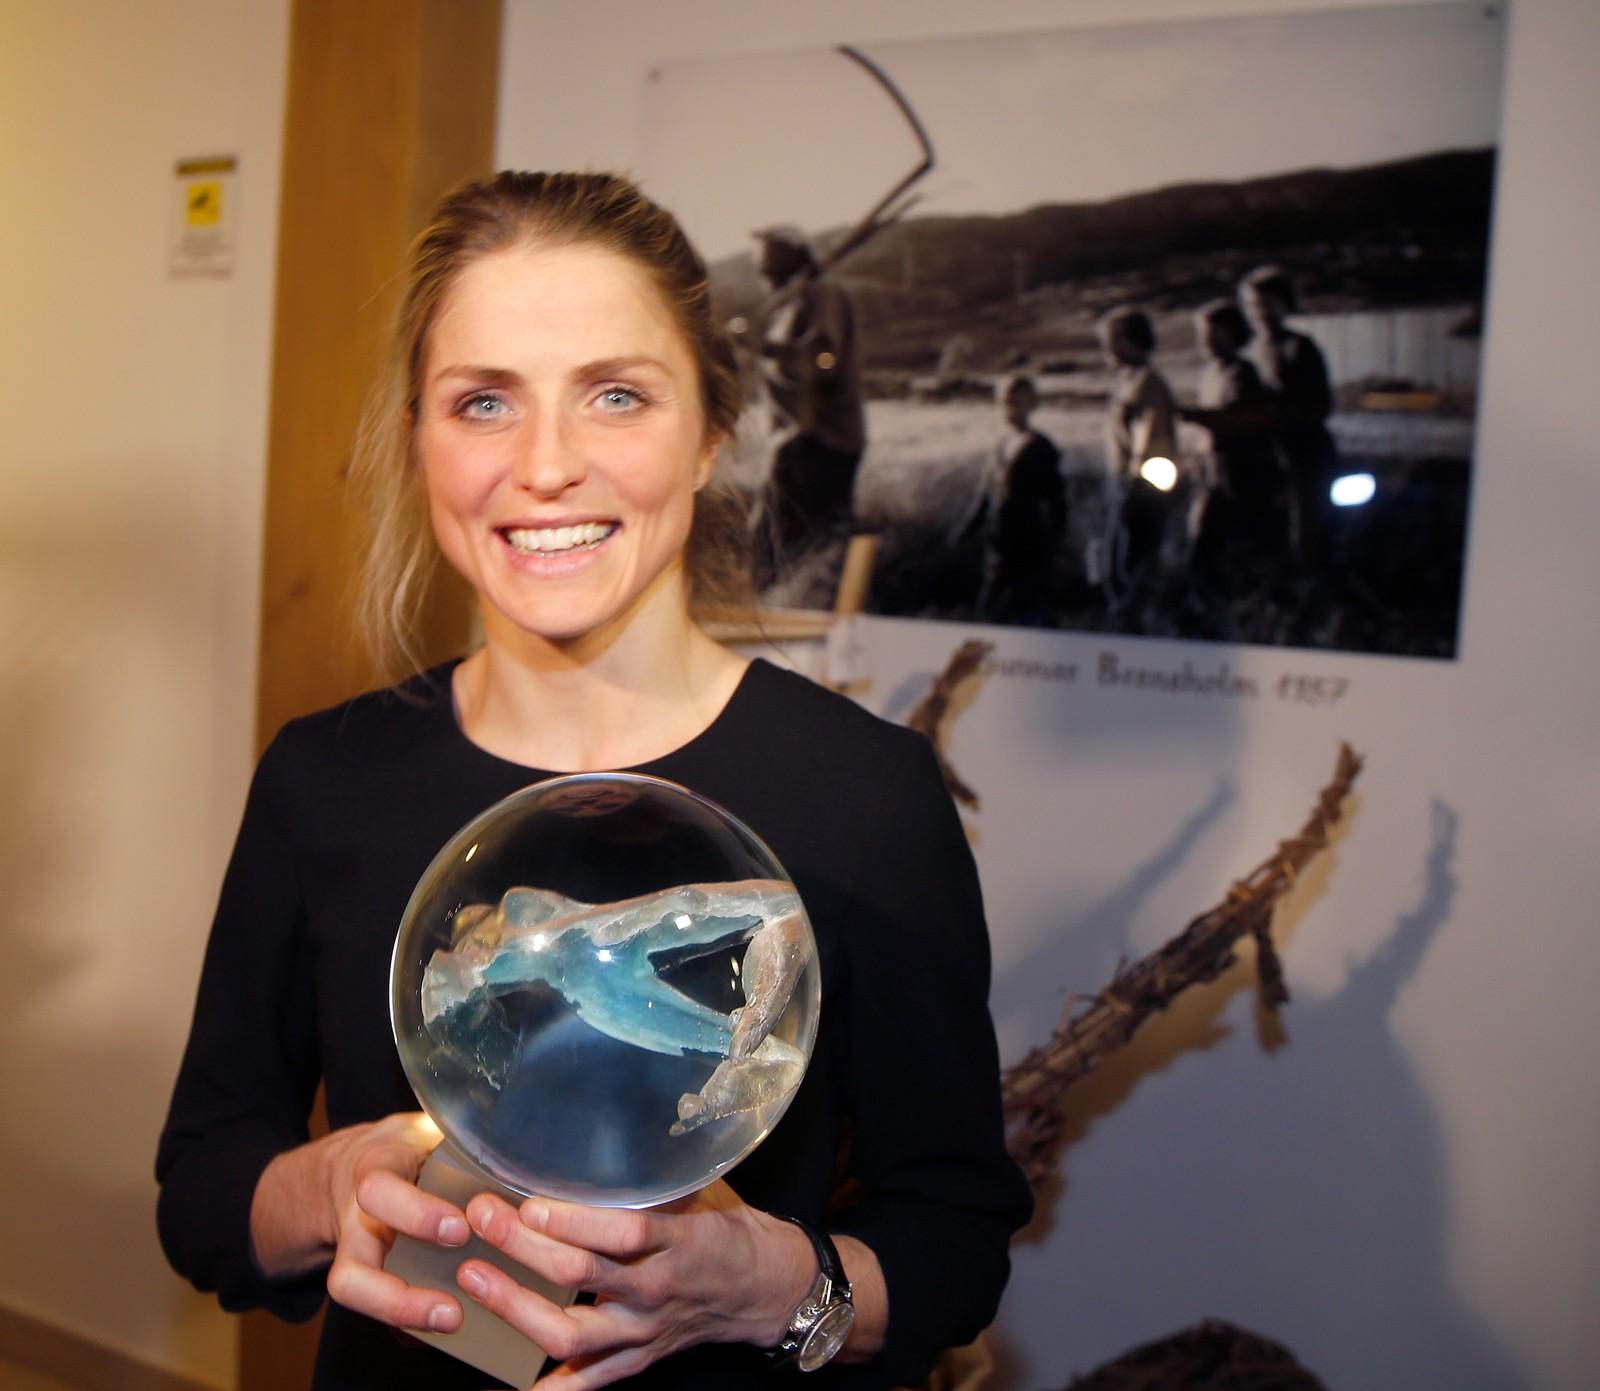 Langrennsløpere vant idrettsgallaen. Therese Johaug ble «Ârets kvinnelige idretssutøver».